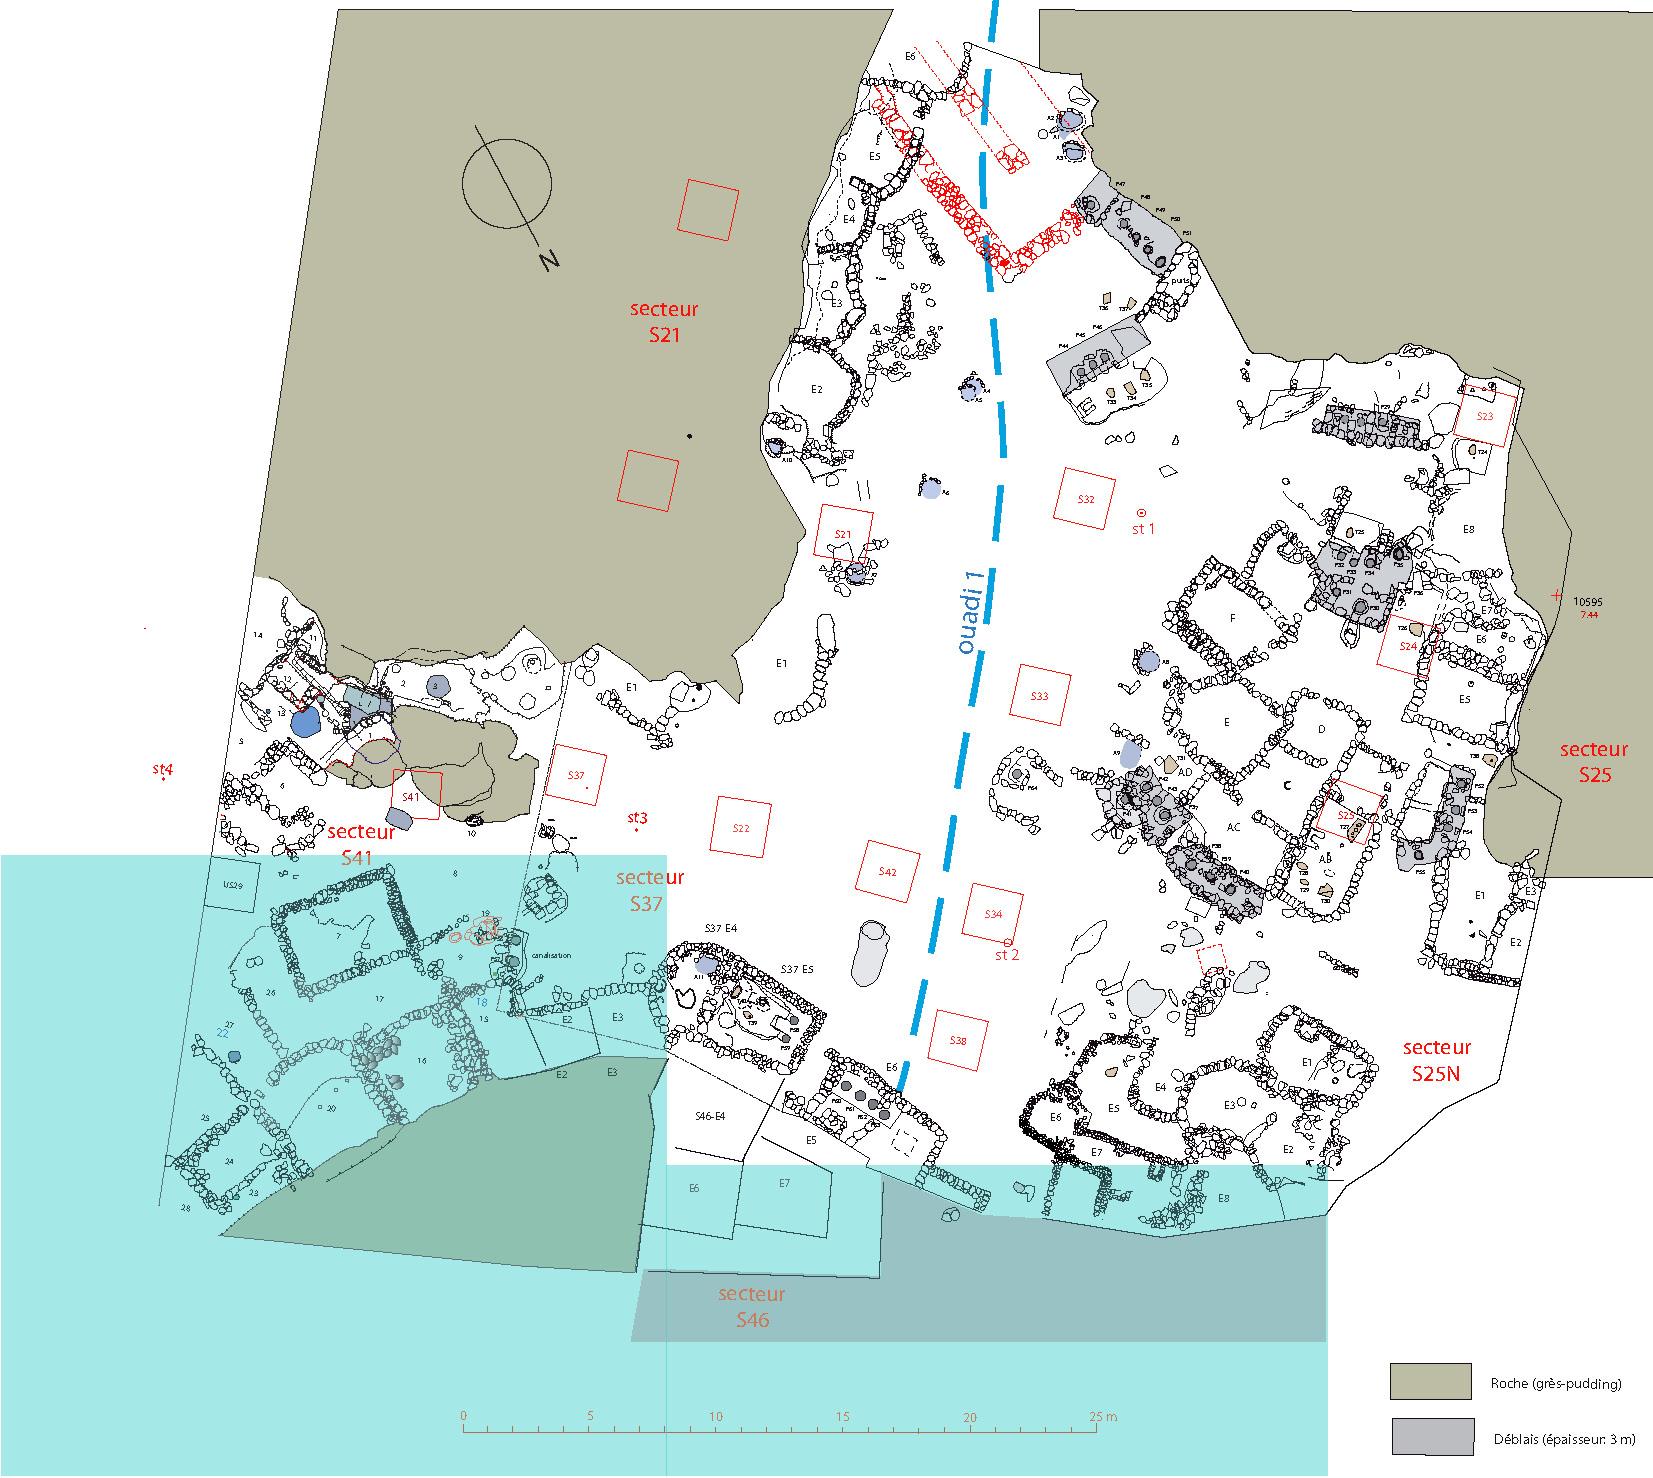 Fig. 1. Plan de la zone de fouille, à la fin de la campagne 2014. En bleu, les secteurs fouillés en 2015